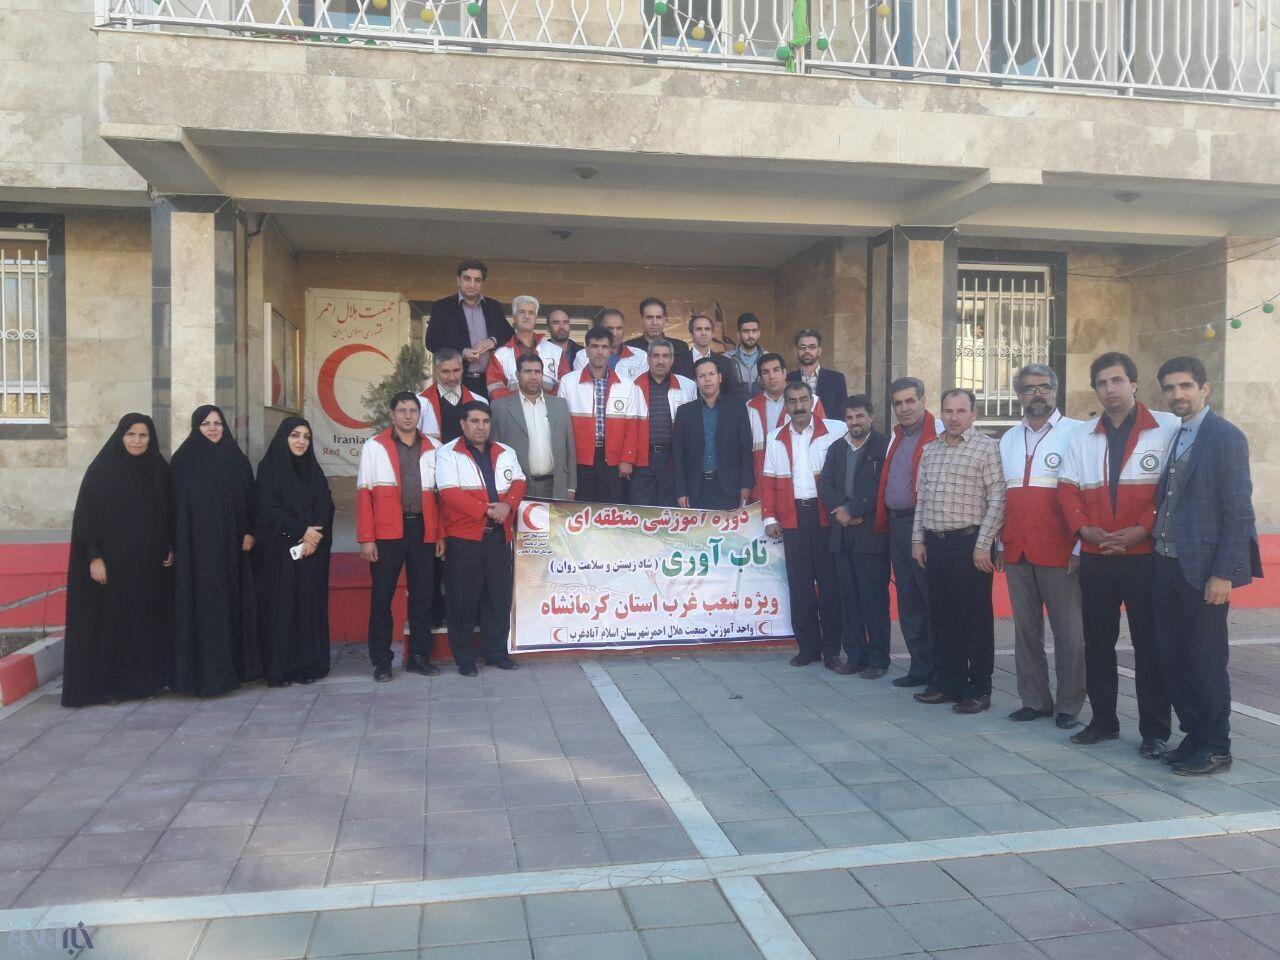 برگزاری دوره تاب آوری (شاد ریستن و سلامت روان) ویژه کارکنان منطقه غرب استان کرمانشاه